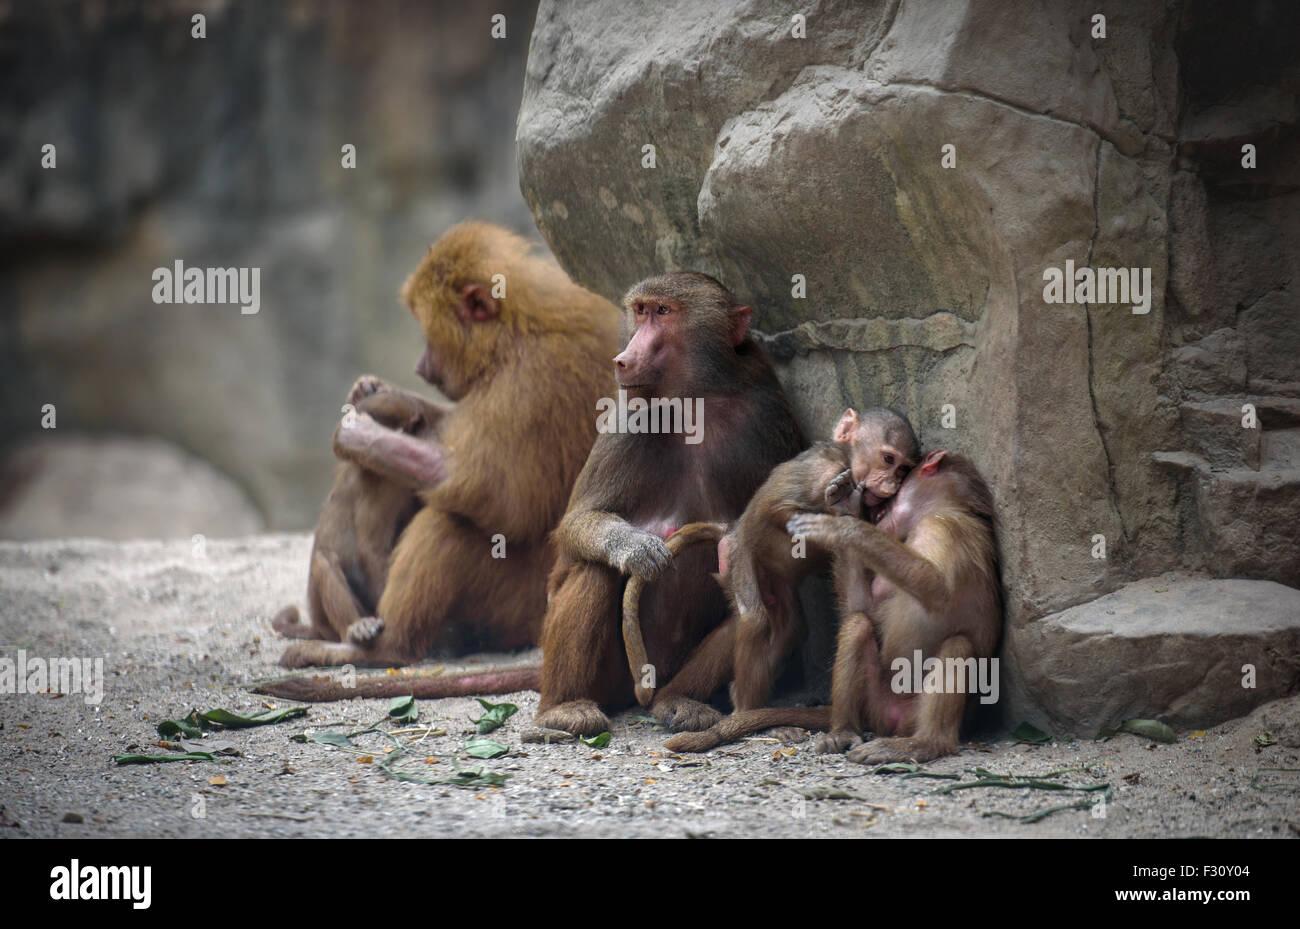 Familia de monos babuinos Hamadryas con sus bebés en reposo Imagen De Stock